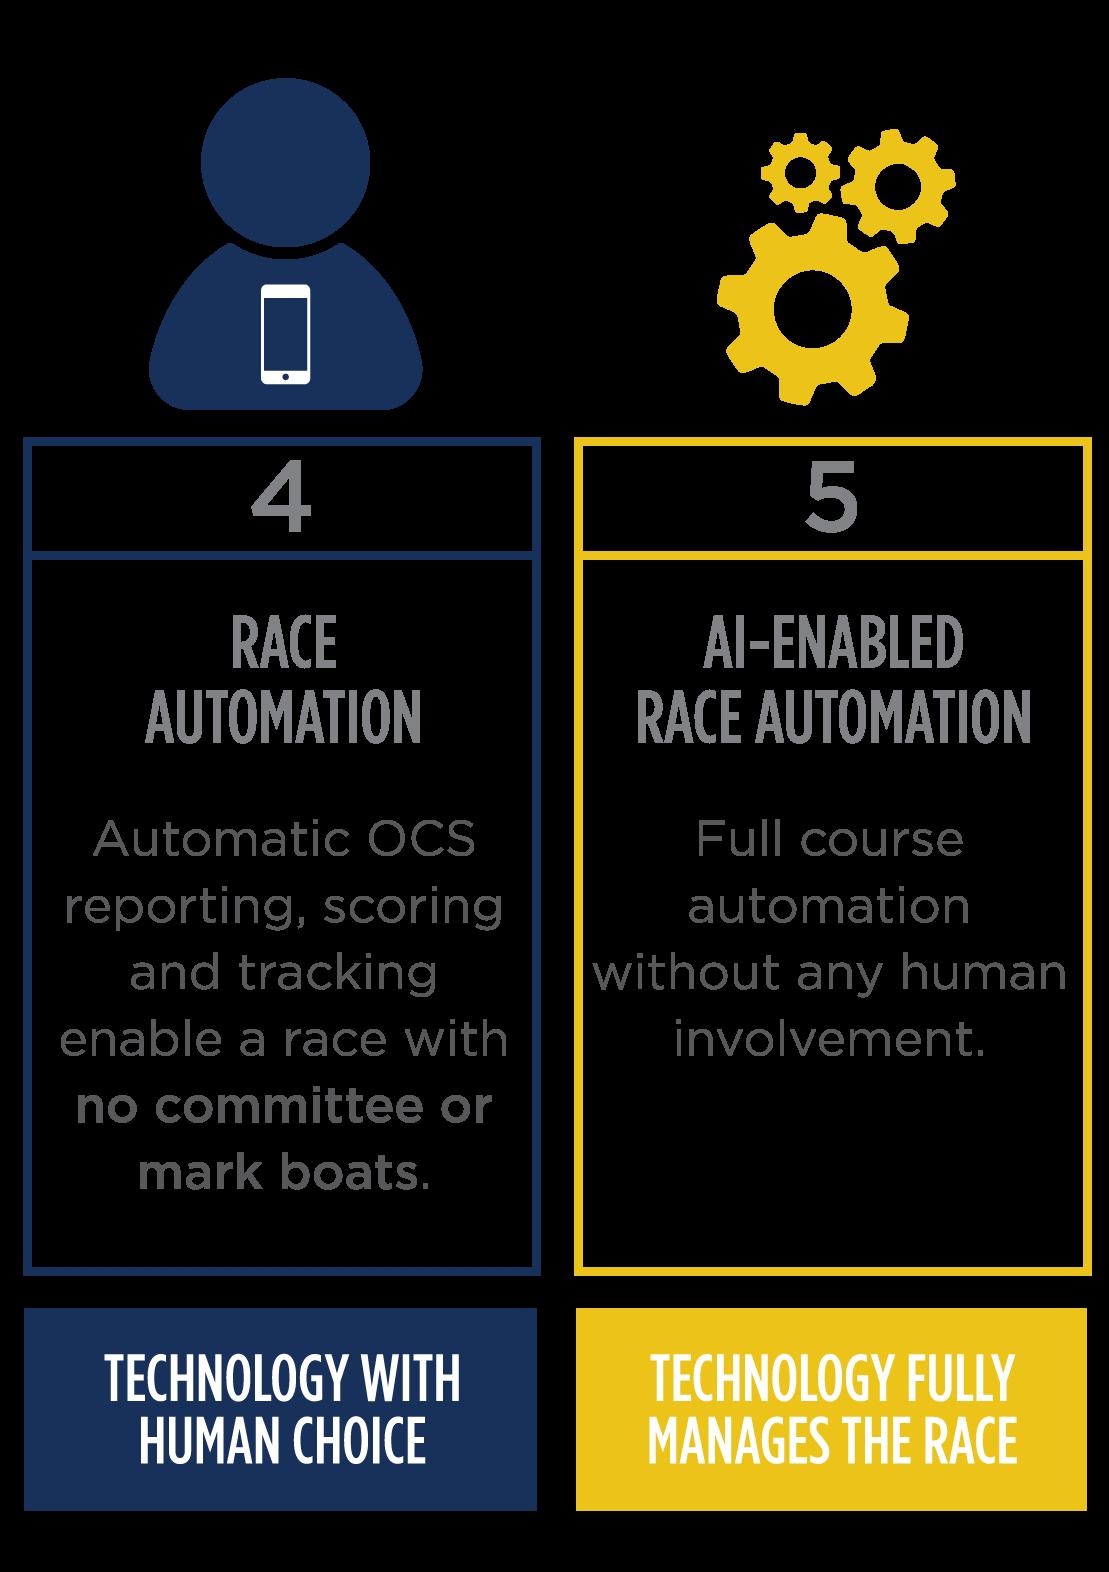 Niveles de automatización 4-5